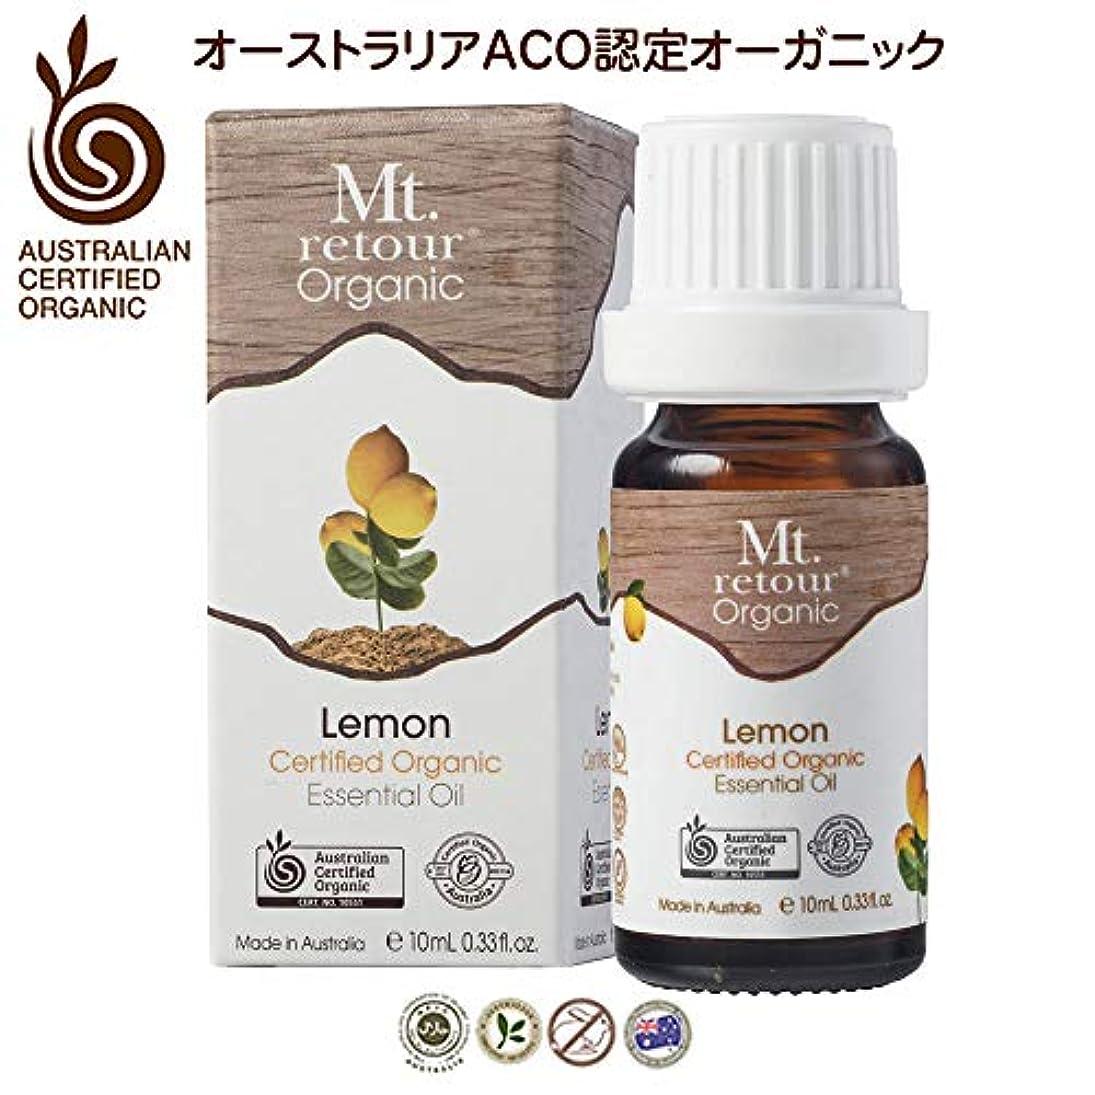 大惨事スチュワーデスショートMt. retour ACO認定オーガニック レモン 10ml エッセンシャルオイル(無農薬有機栽培)アロマ